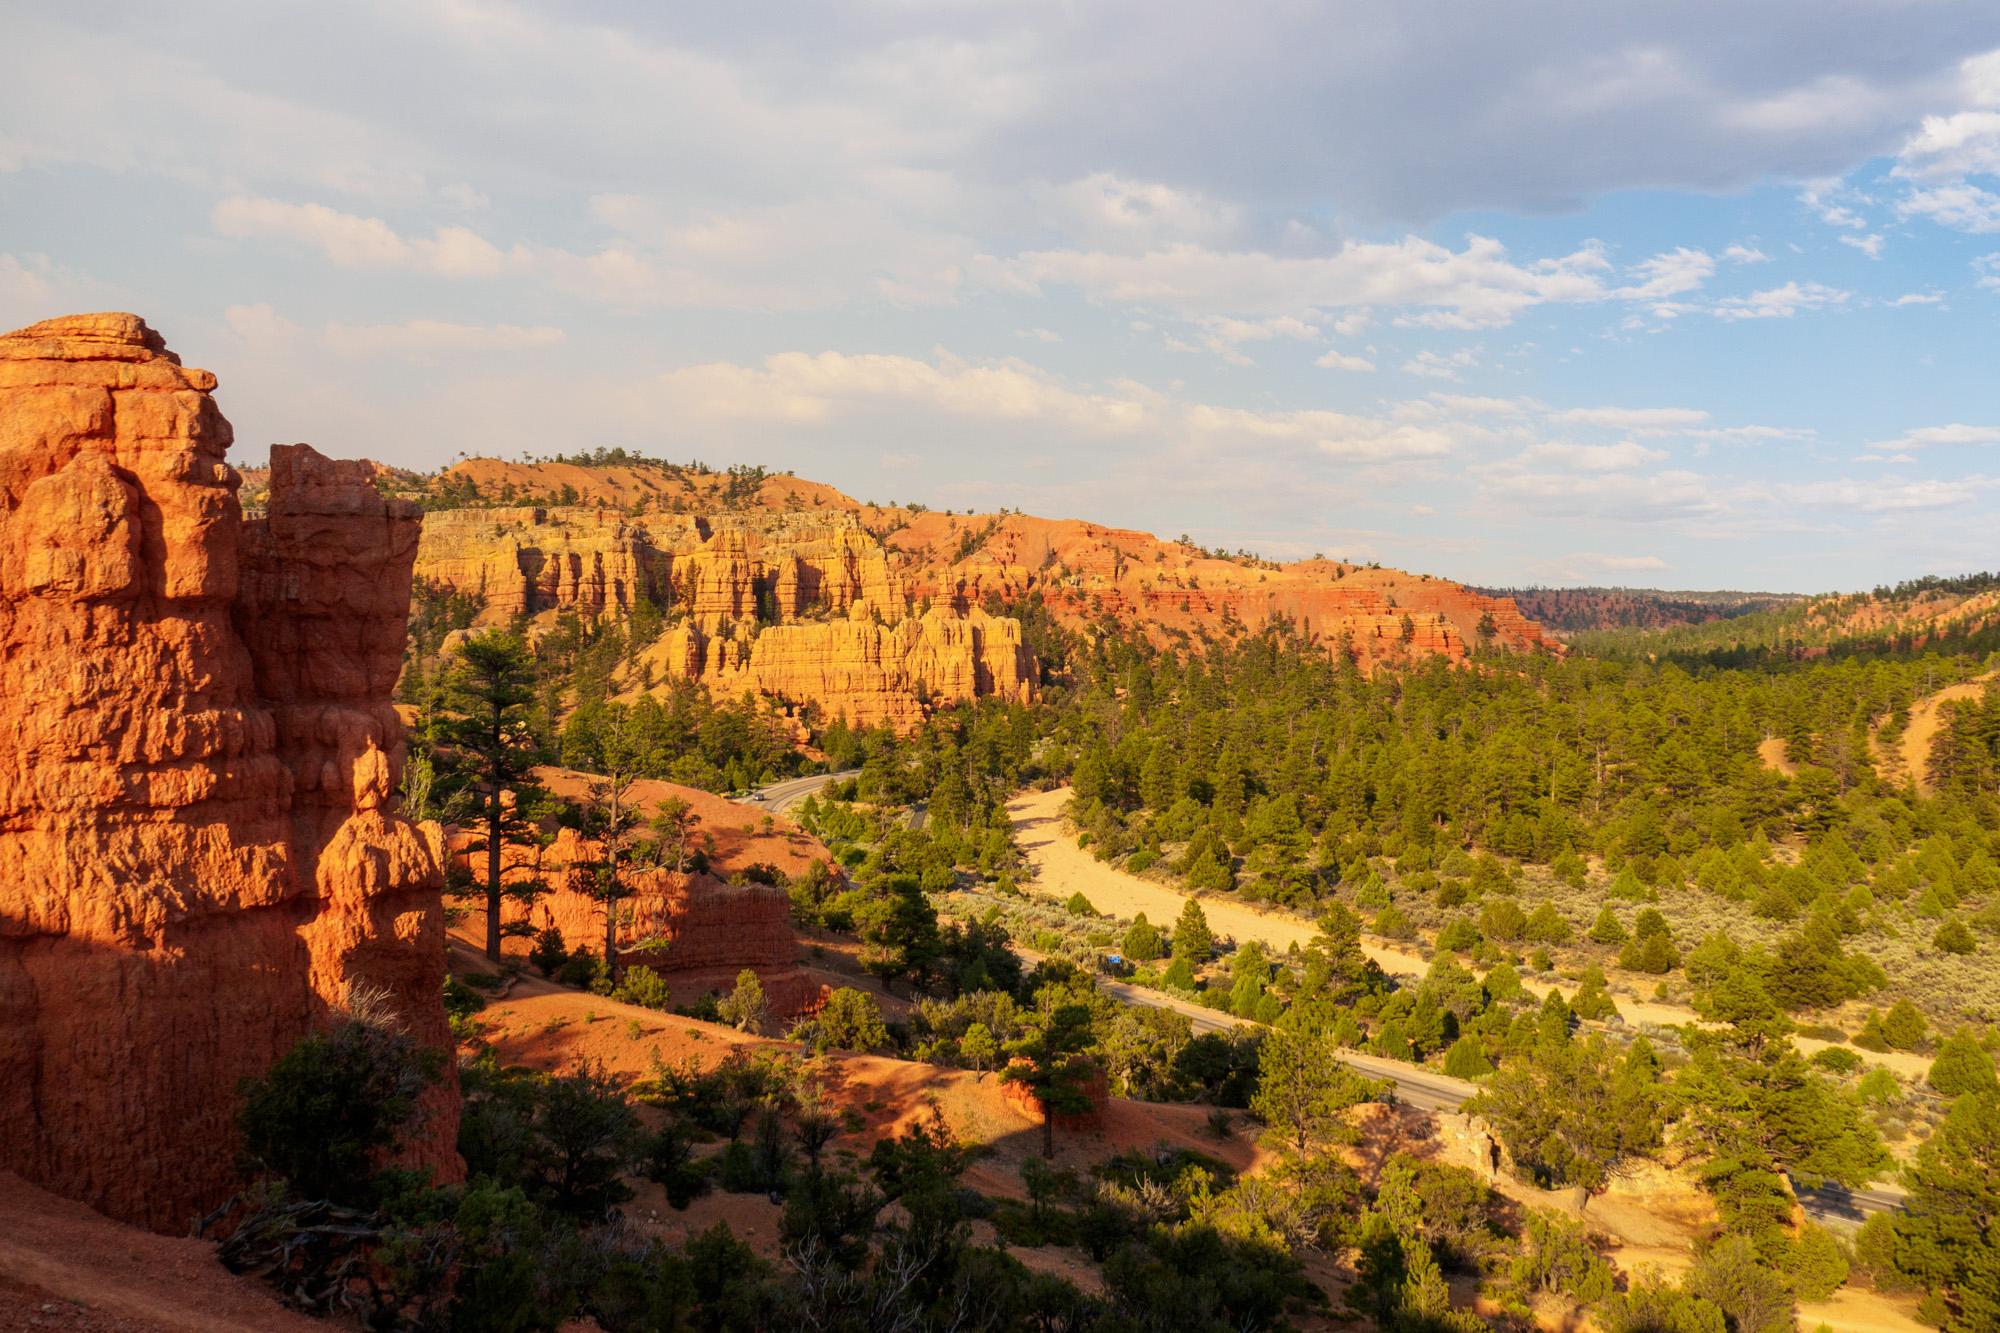 Red Canyon - Abendstimmung auf dem Photo Trail